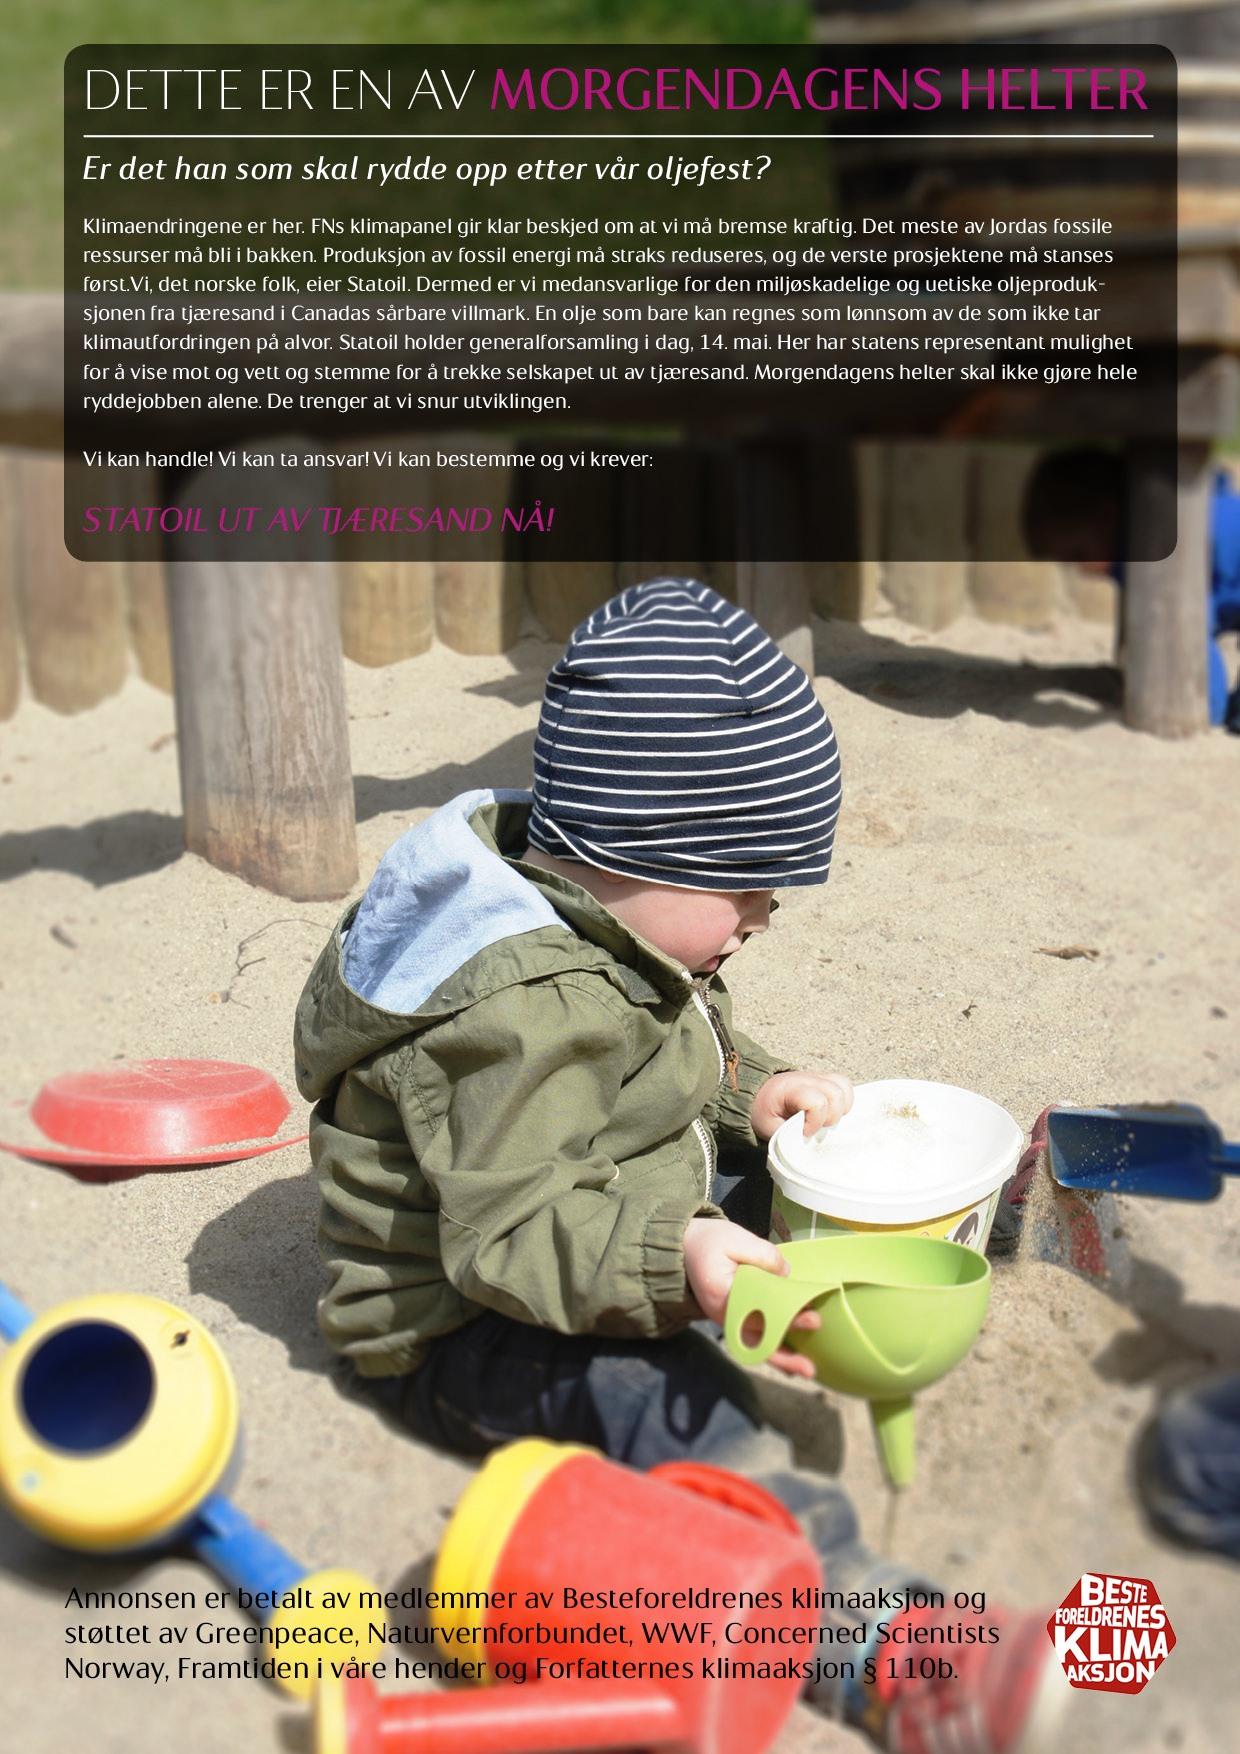 14. april 2014: Besteforeldreaksjonen med helsides annonse i flere riksaviser, på dagen for Statoils generalforsamling.